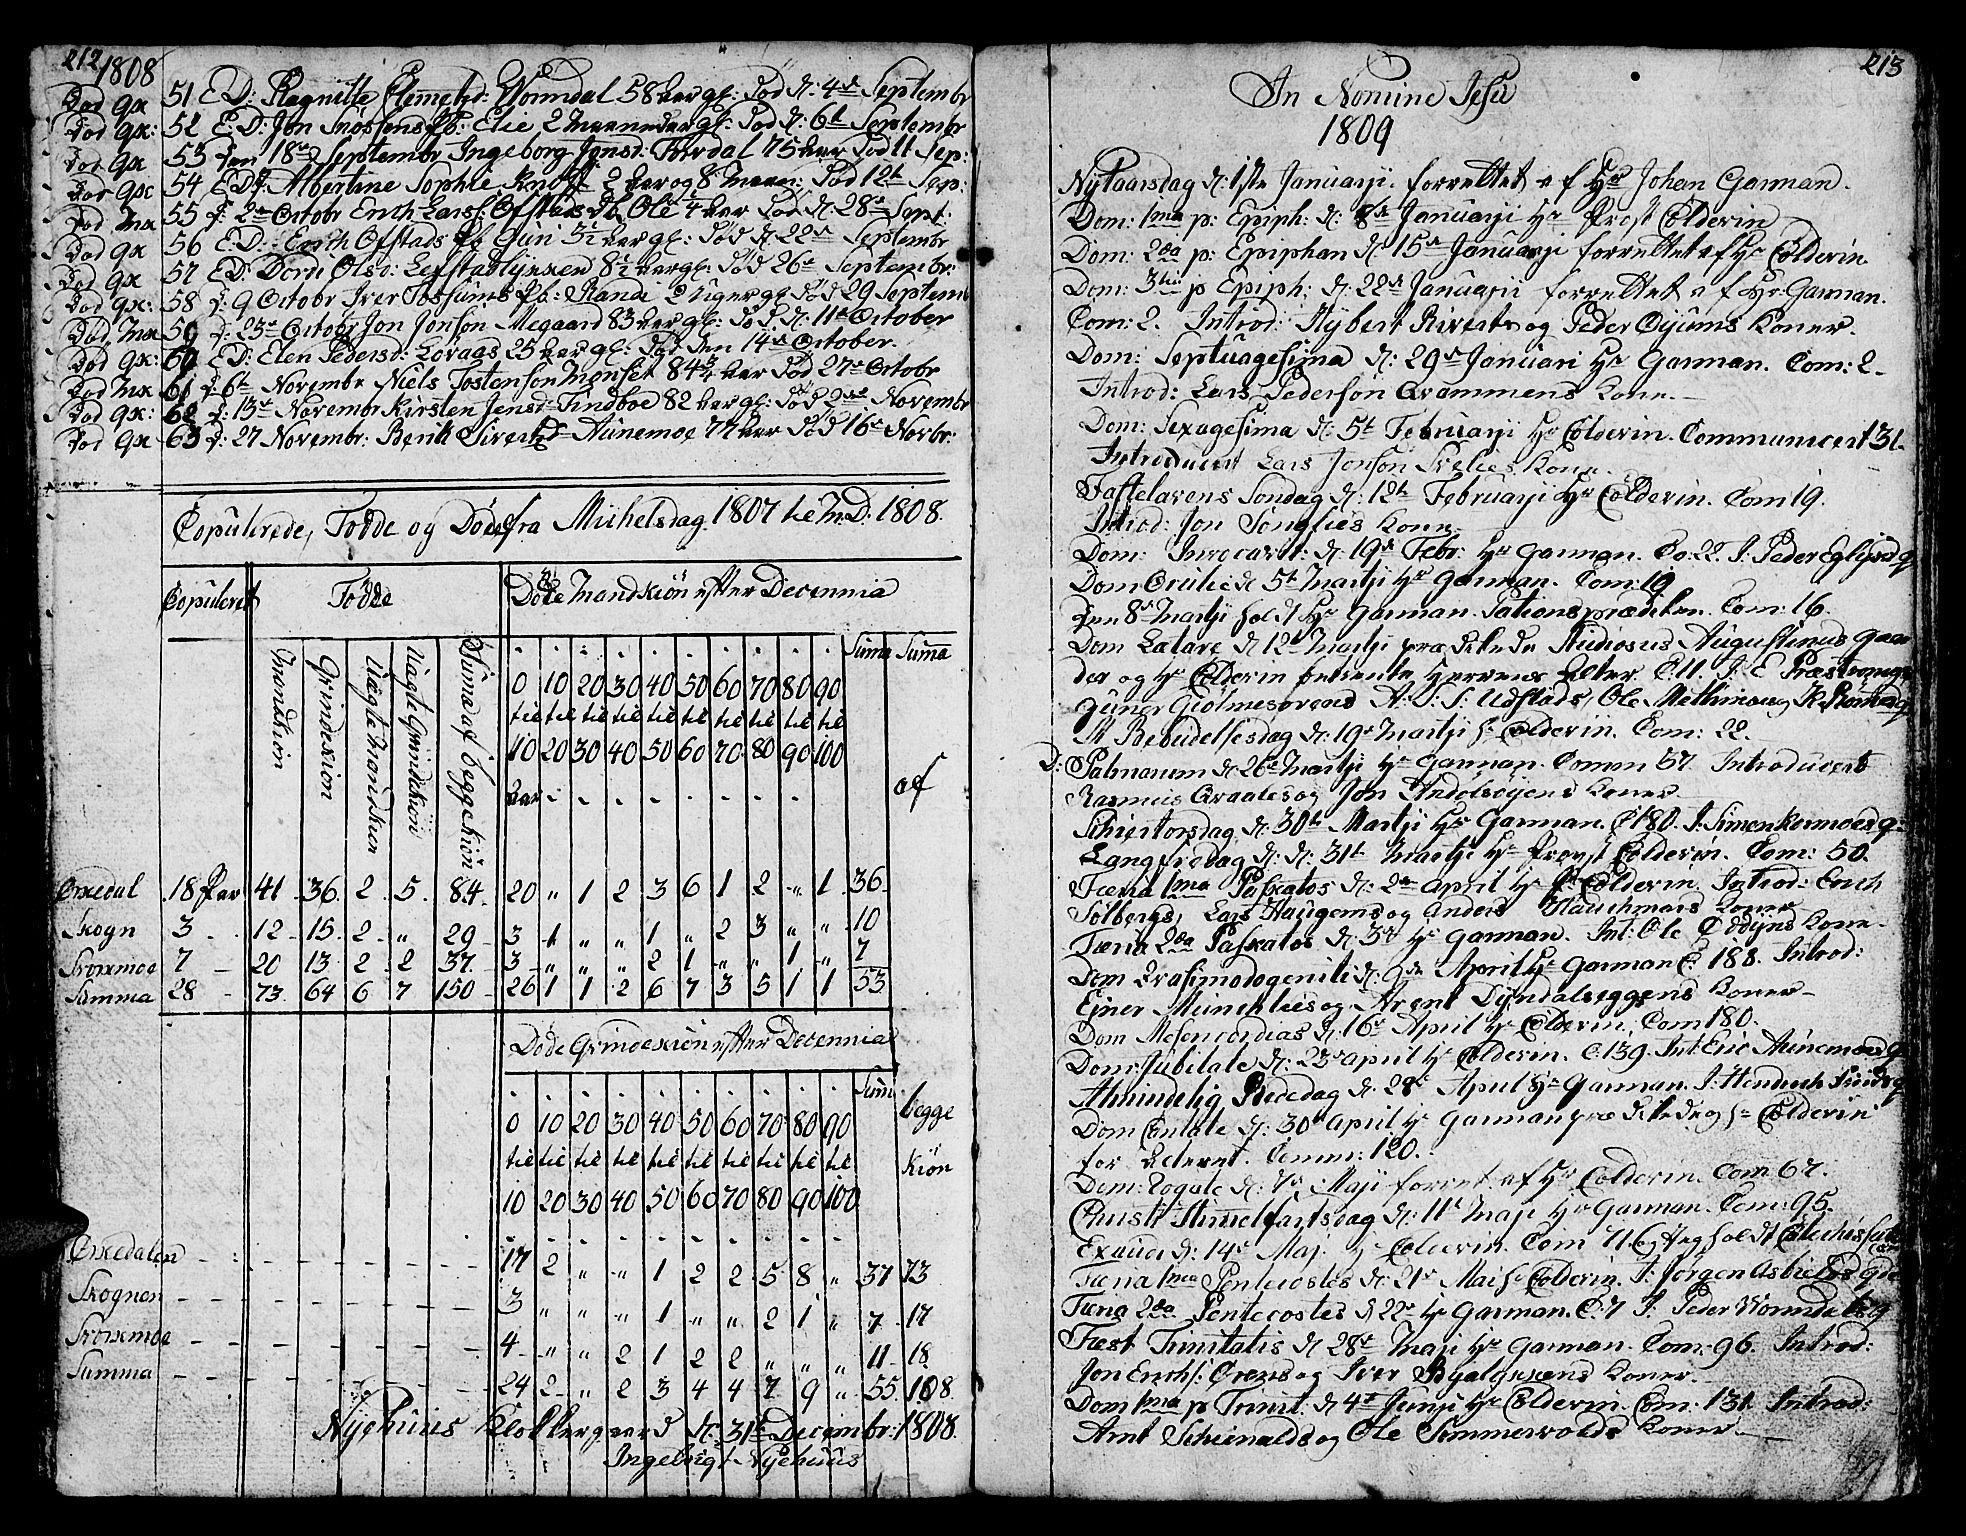 SAT, Ministerialprotokoller, klokkerbøker og fødselsregistre - Sør-Trøndelag, 668/L0815: Klokkerbok nr. 668C04, 1791-1815, s. 212-213